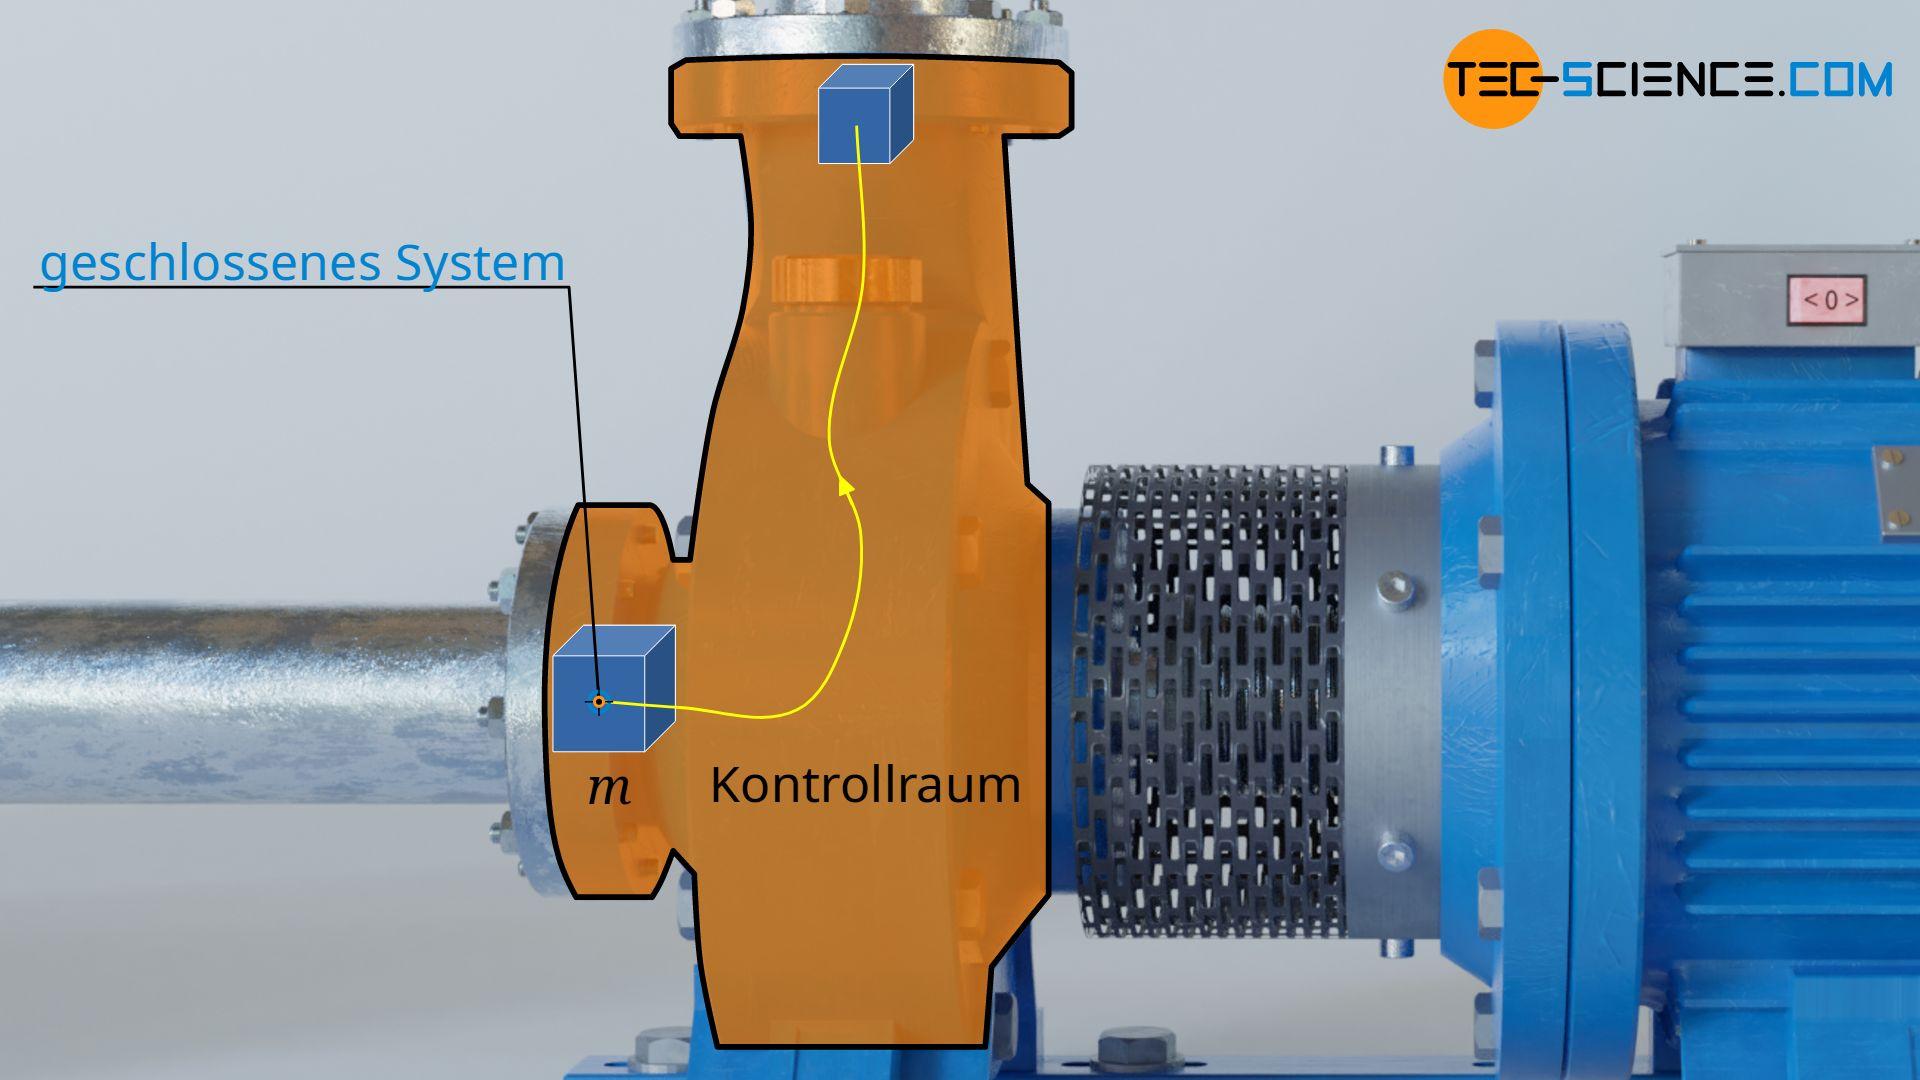 Strömendes Fluidelement als geschlossenes System durch einen Kontrollraum (offenes System)